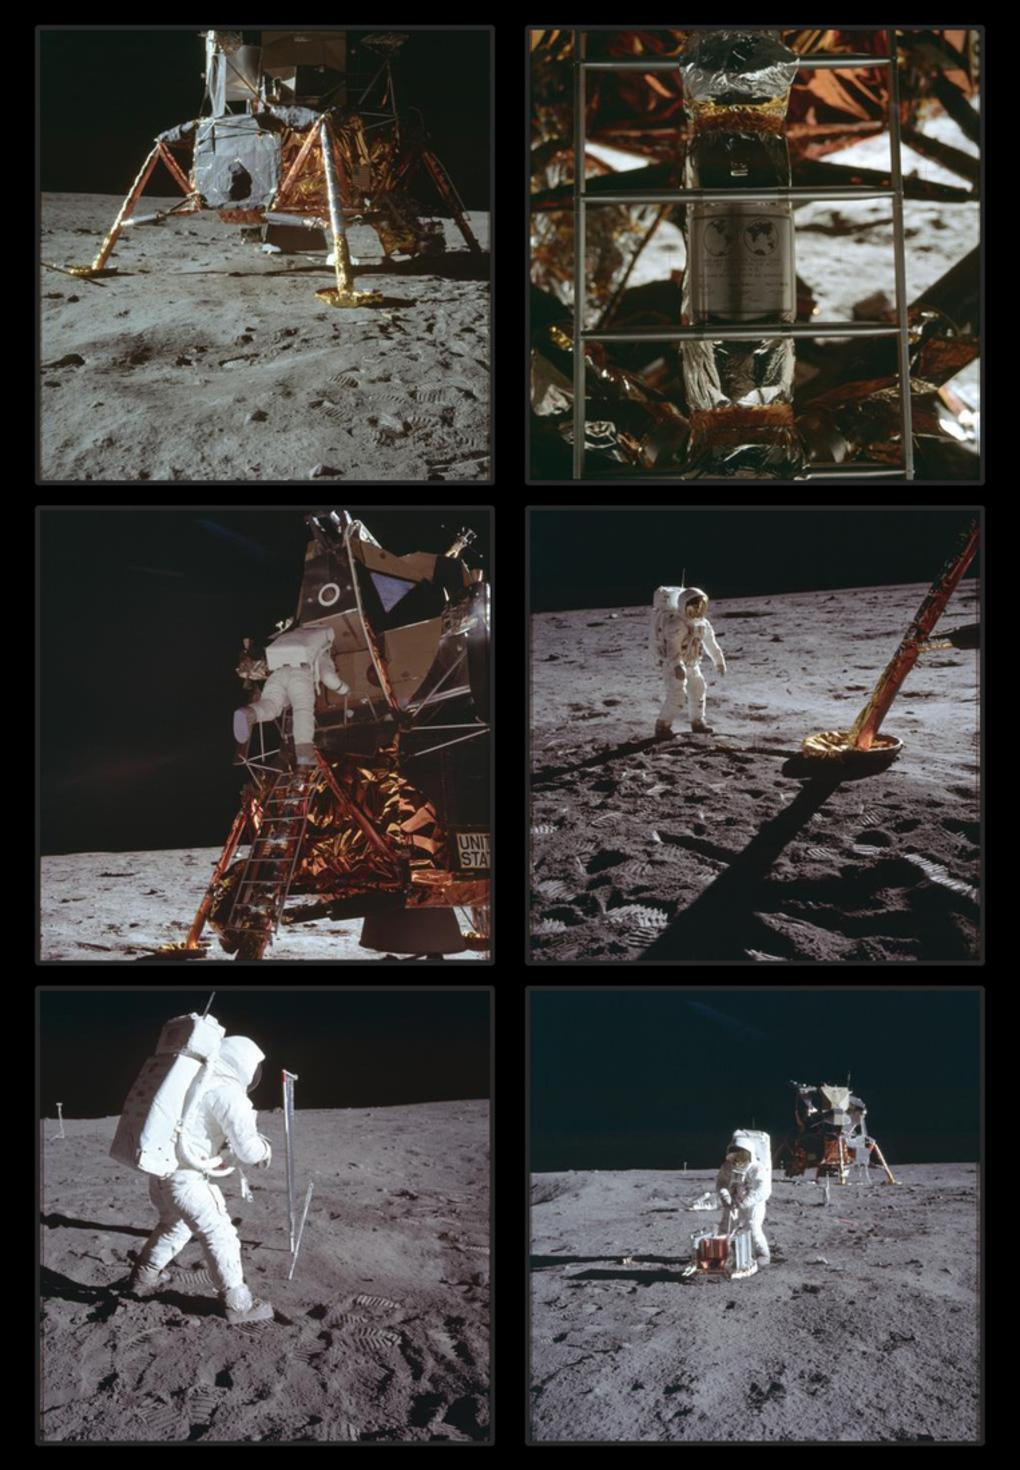 Primele imagini realizate pe Lună